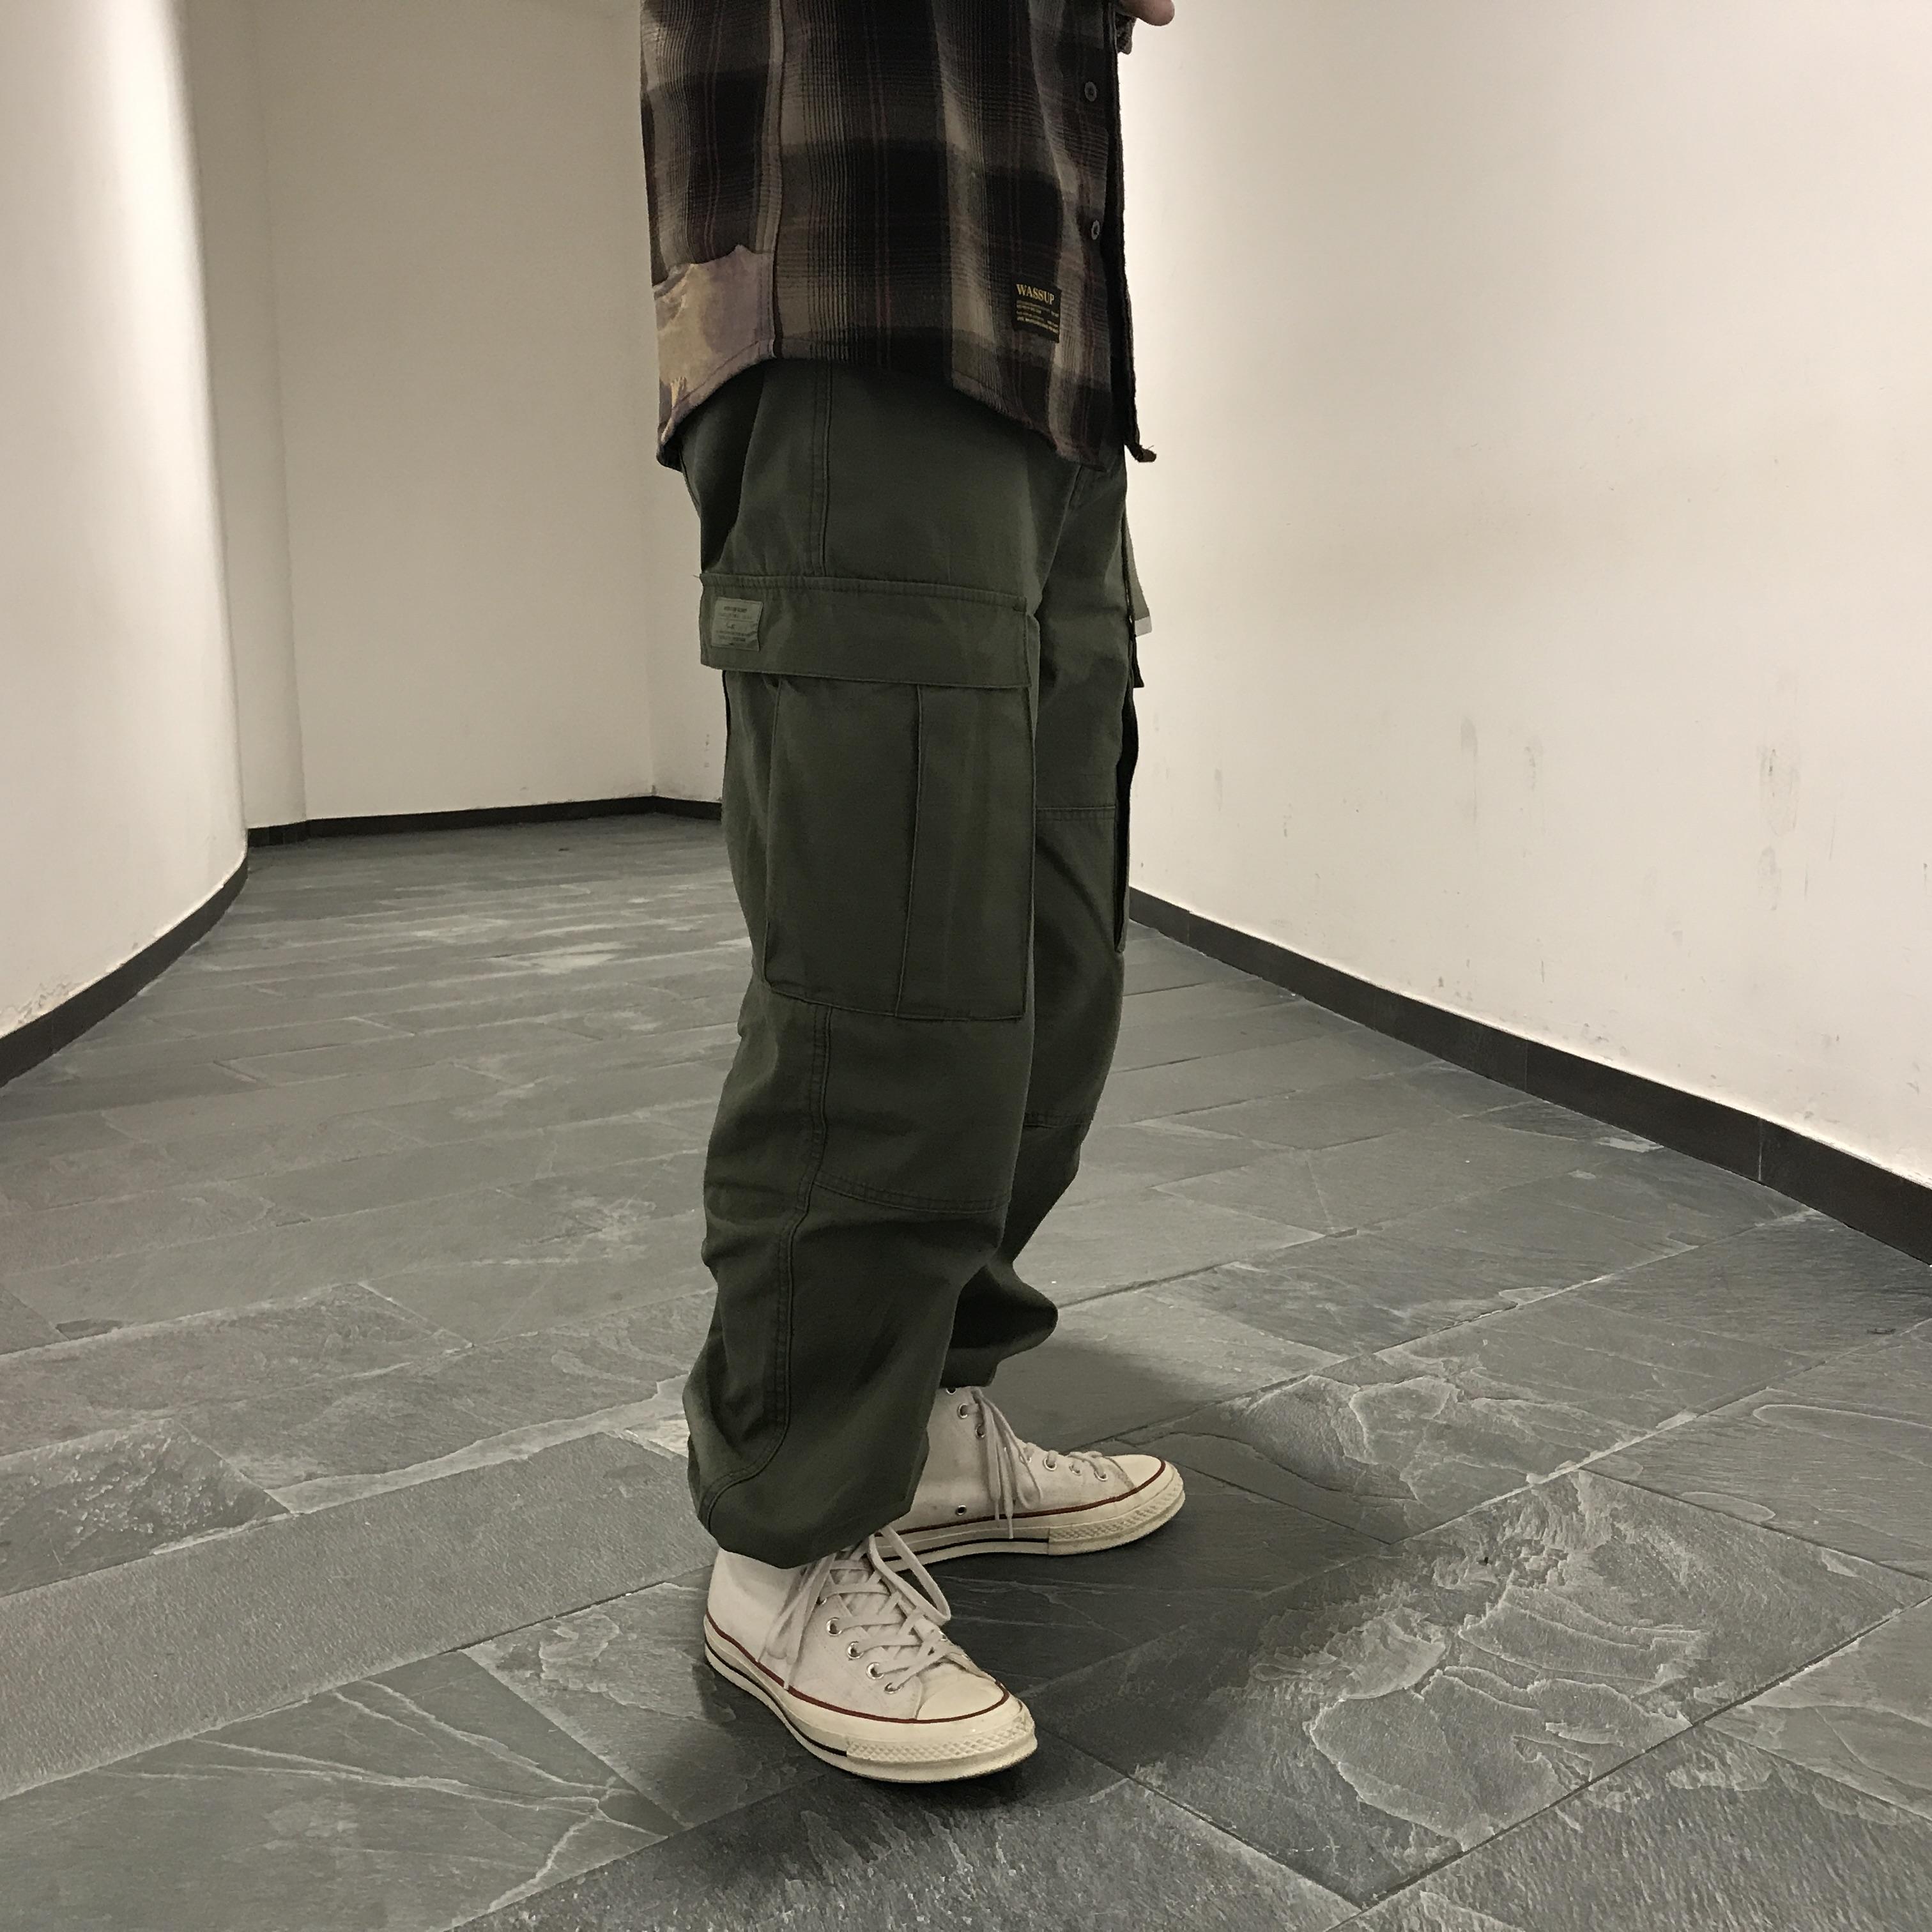 WASSUP 17aw竹节四代工装裤水洗工装休闲长裤 宽松直筒多口袋军裤